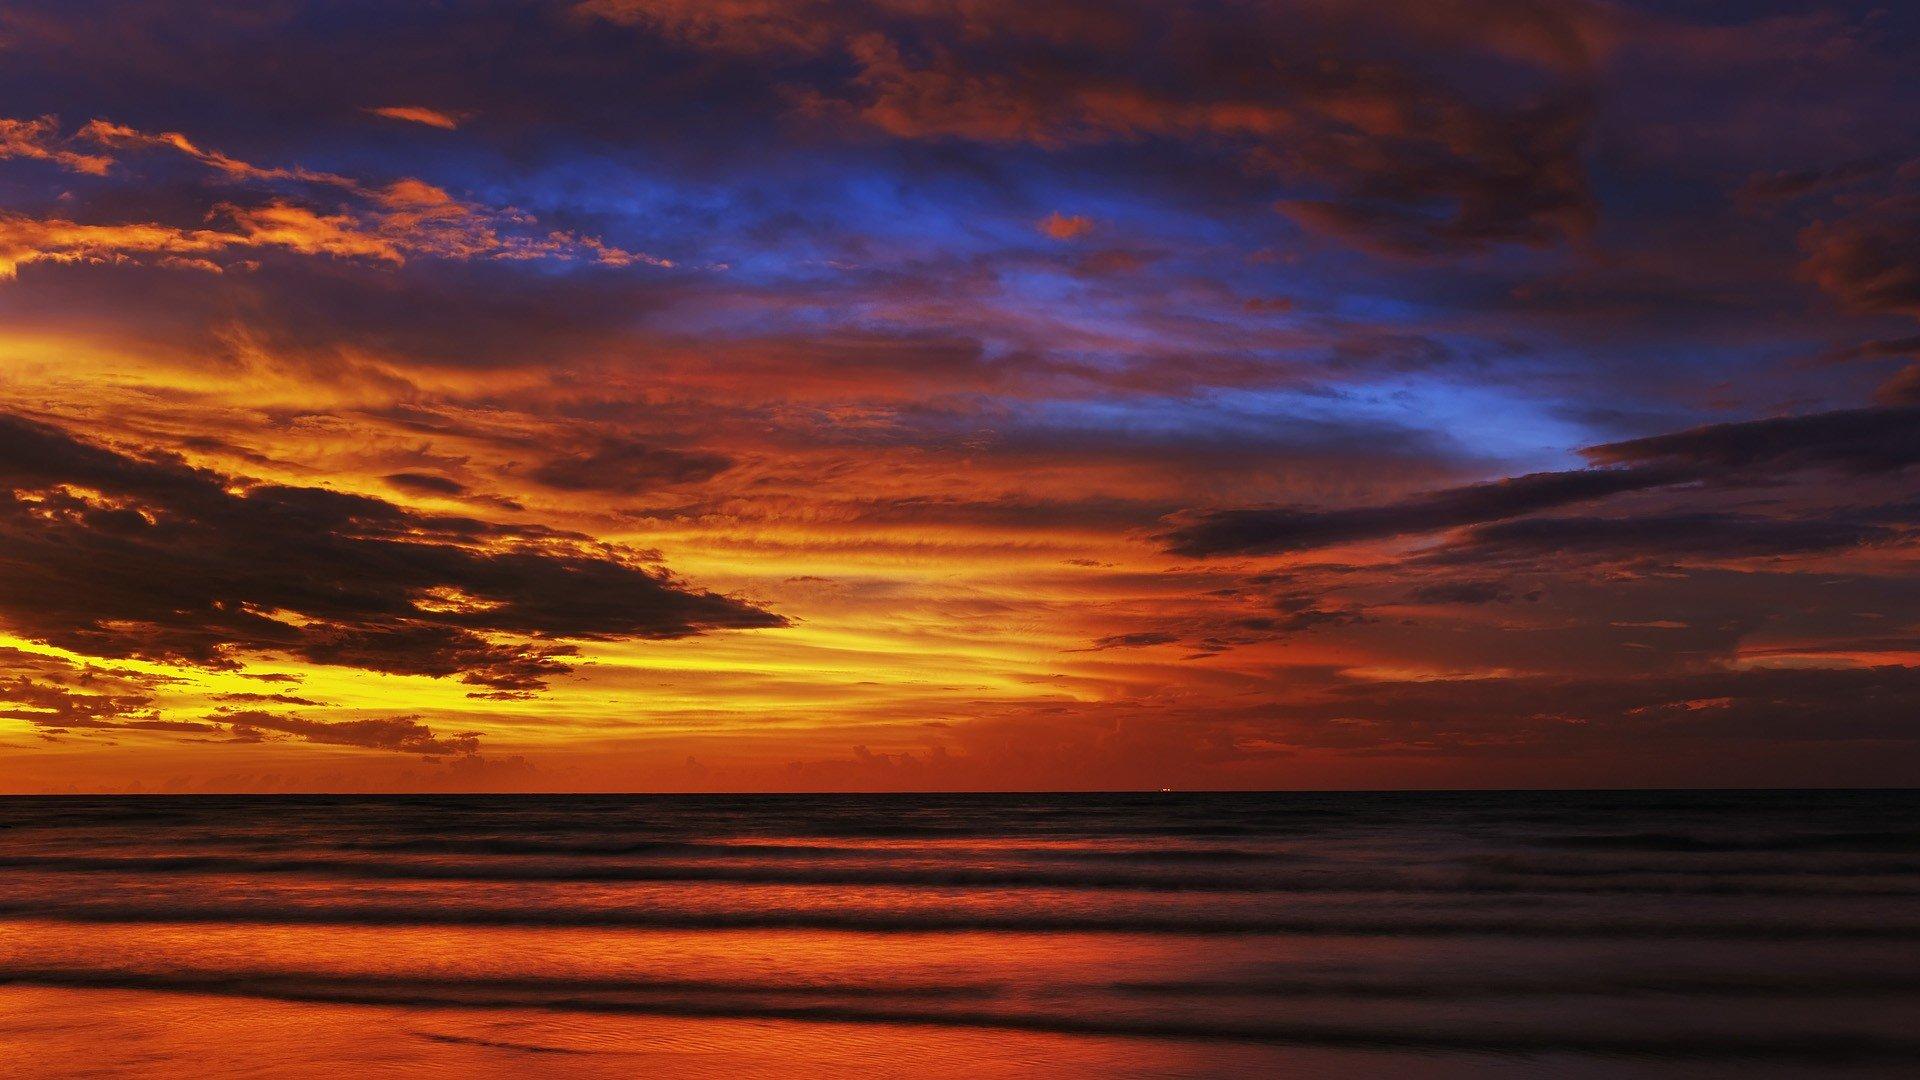 Best Sunset Wallpaper Id - Sunset Wallpaper Full Hd - HD Wallpaper